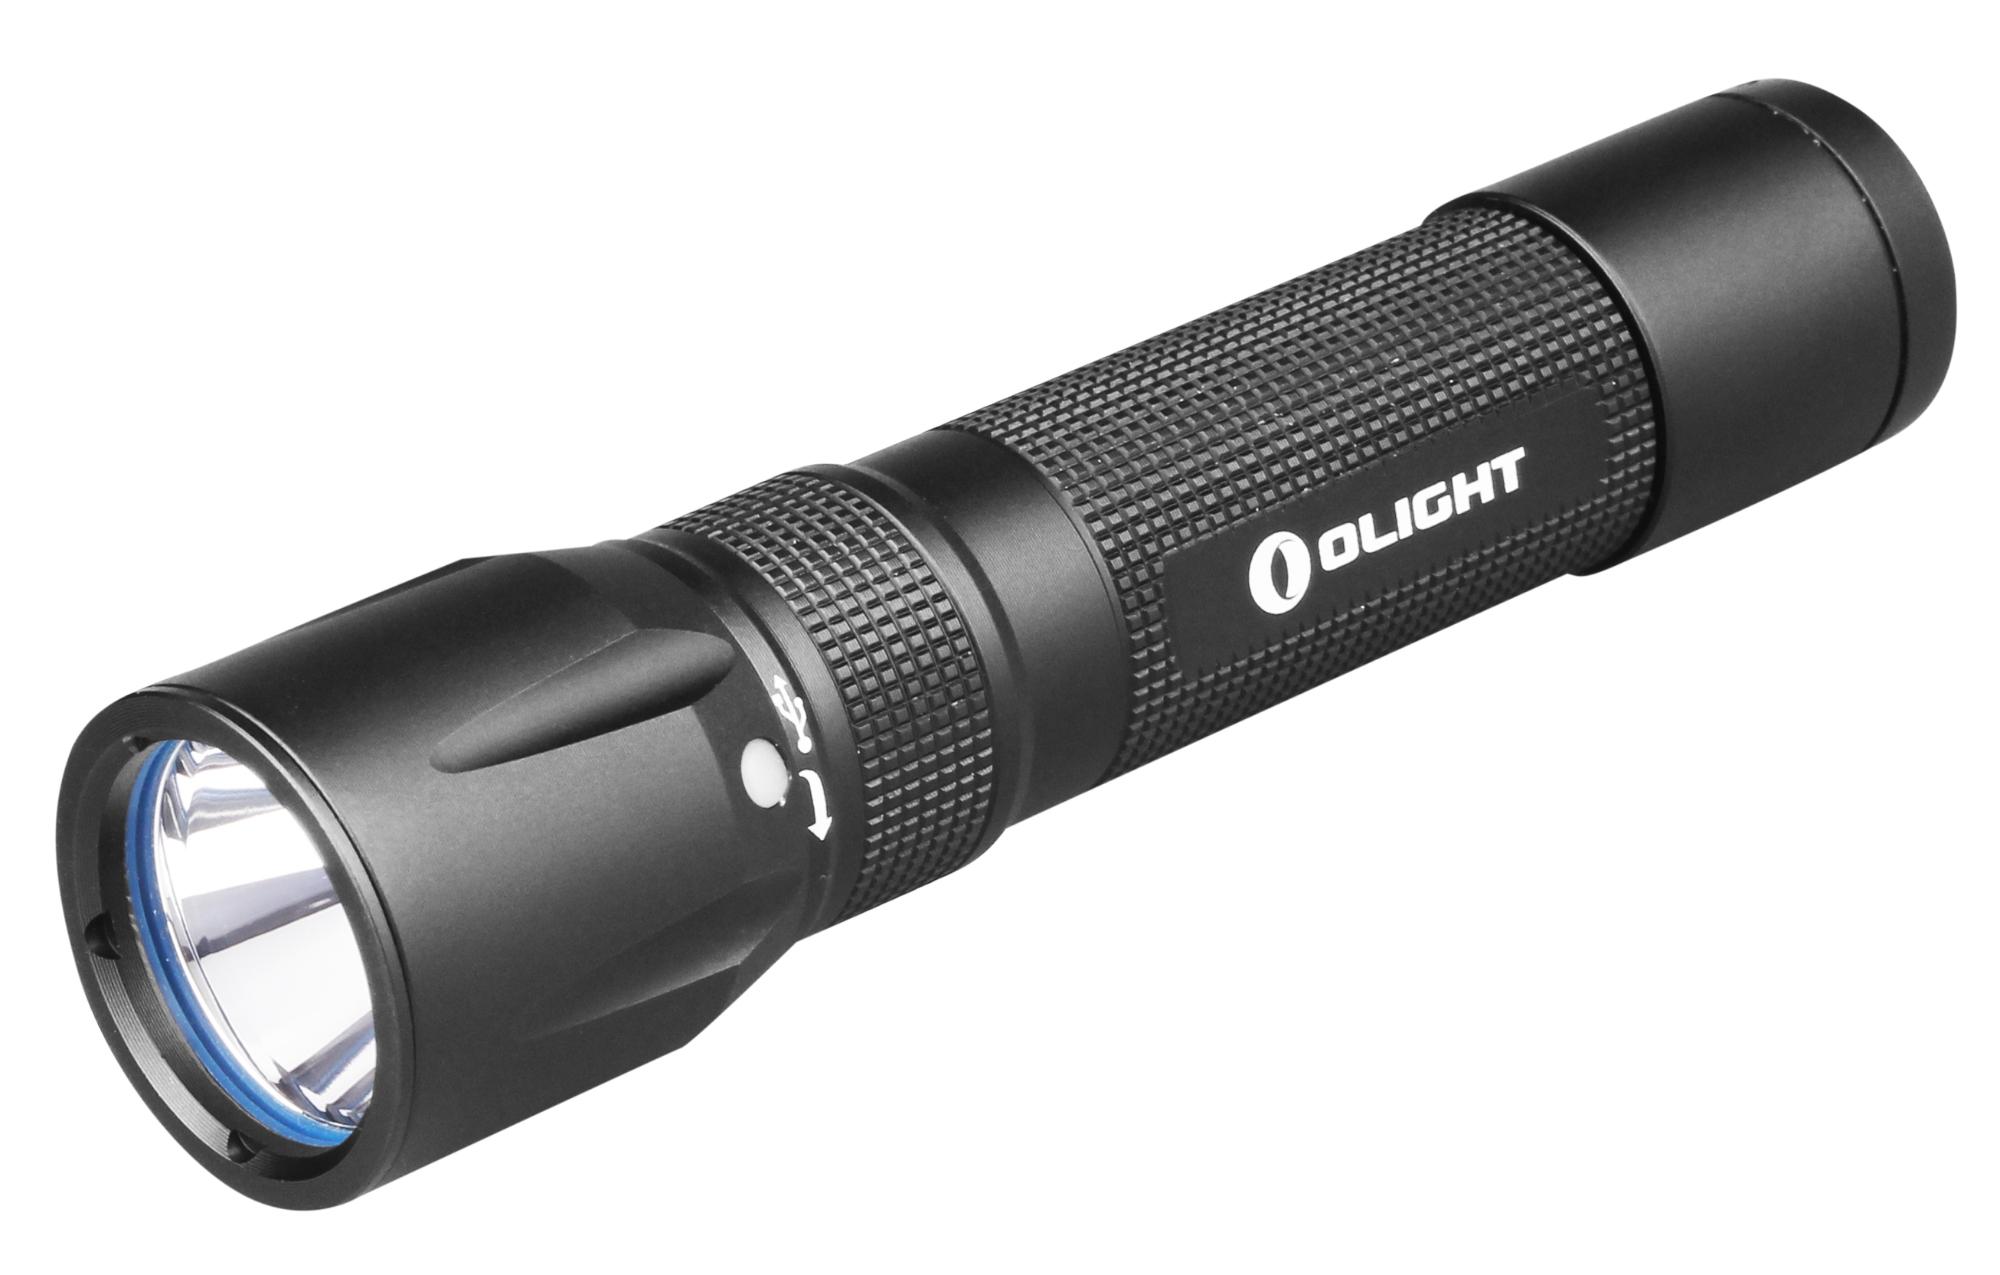 Olight R20 Javelot - Håndlygte - Genopladelig - Sort   Flashlight